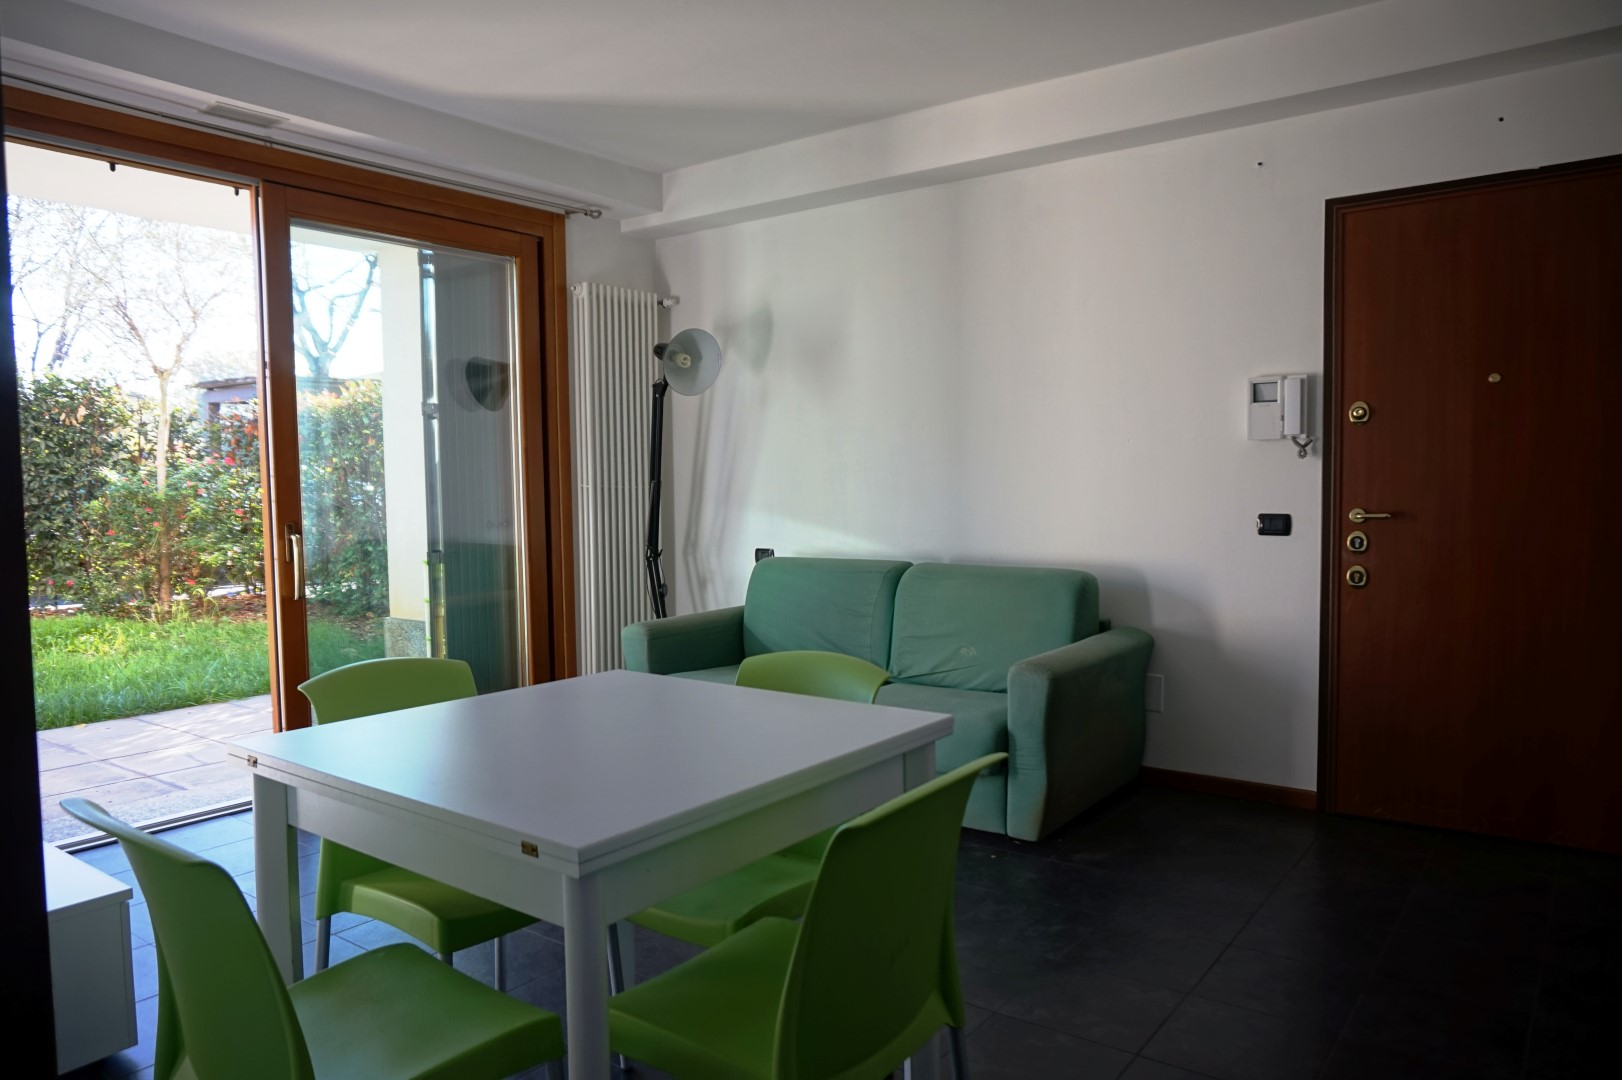 Appartamento monolocale arredato in affitto a dalmine for Contratto di locazione immobile arredato